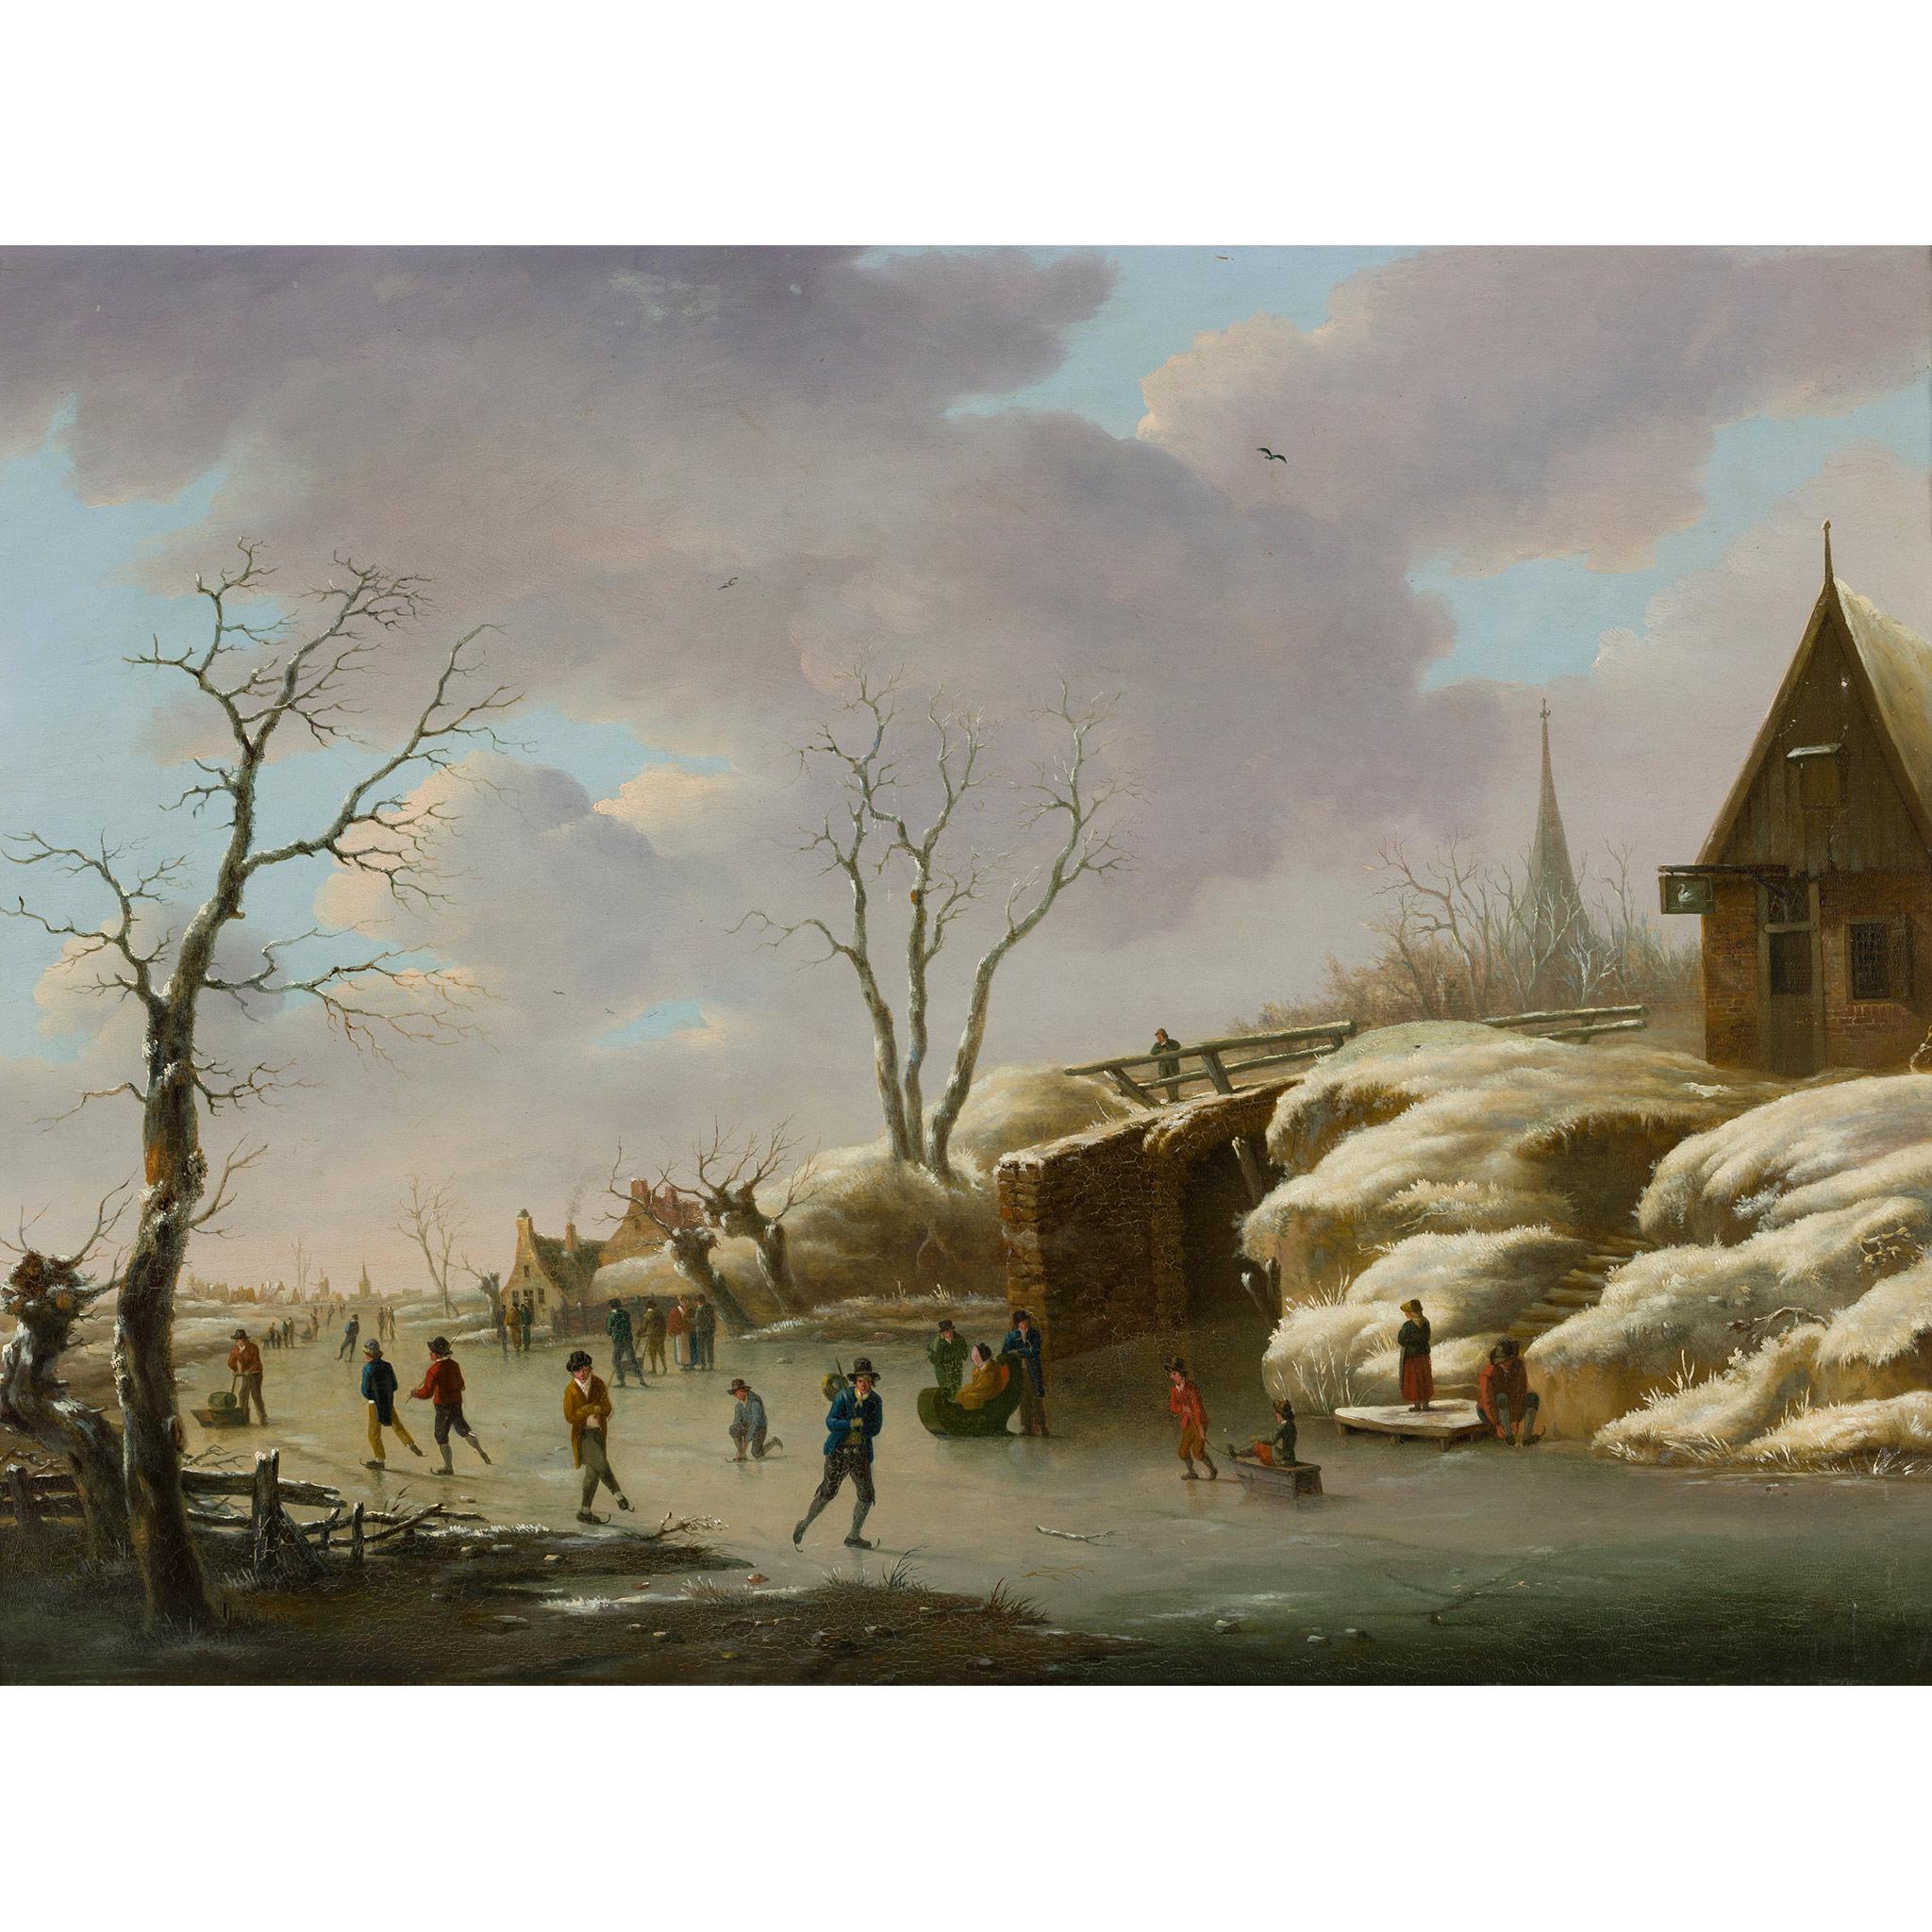 HERMANUS DONSELAER (BELGIAN 1761-1829) A WINTER LANDSCAPE WITH FIGURES SKATING